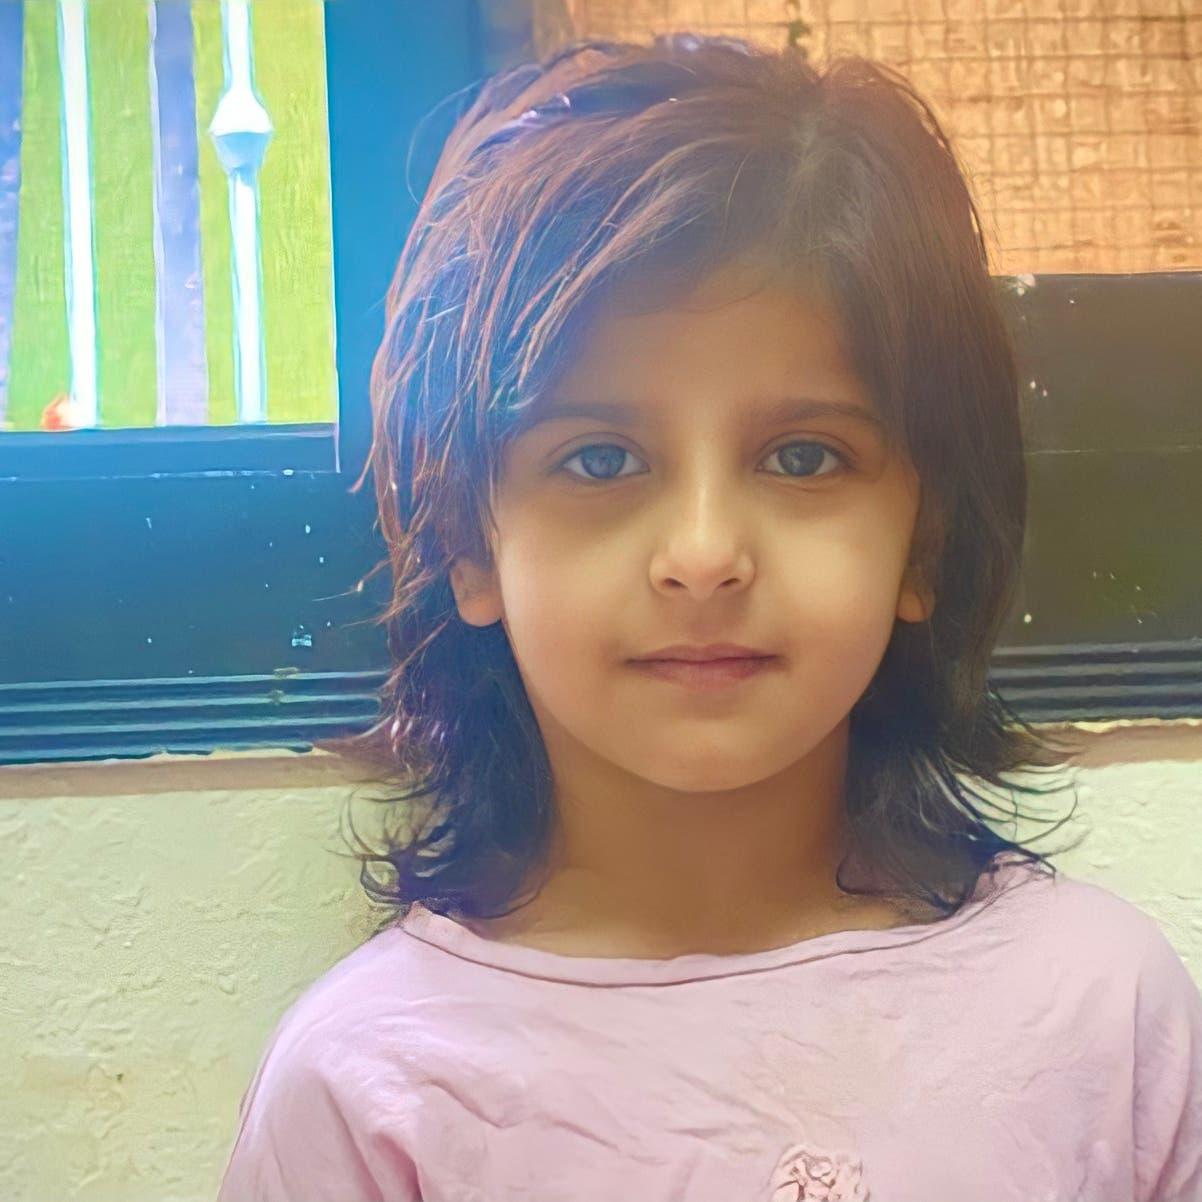 قصة مؤثرة.. ثعبان يقتل طفلة داخل المنزل في أبها